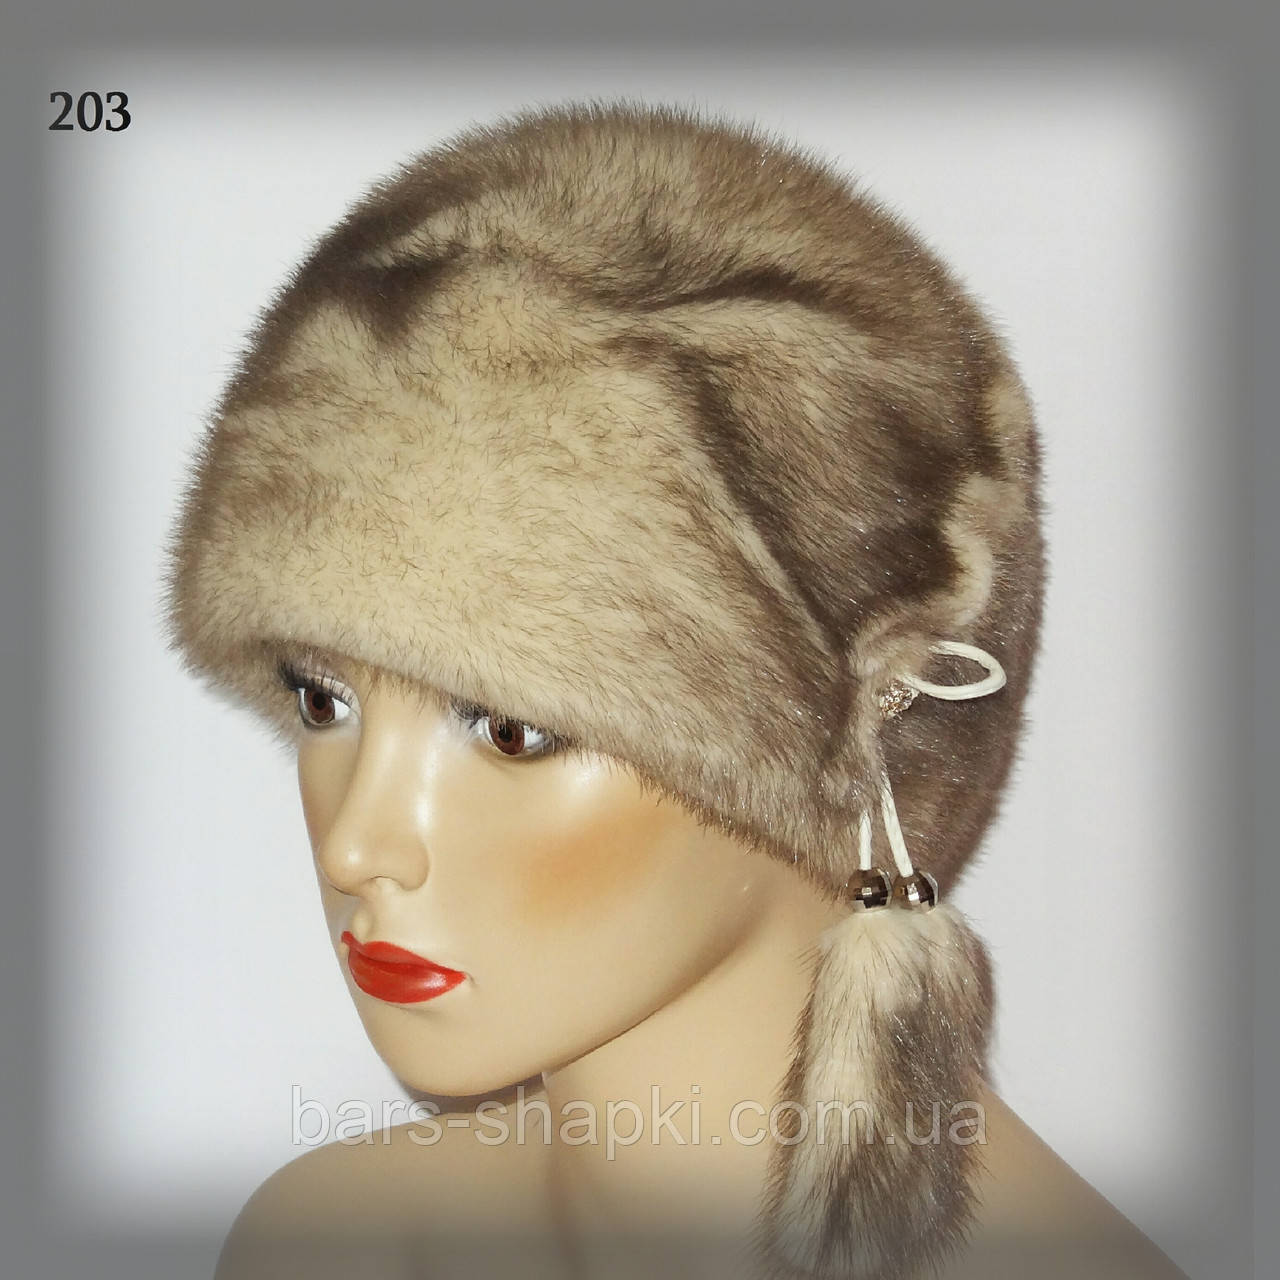 Меховая женская шапка из норки (шарик с бубонами)